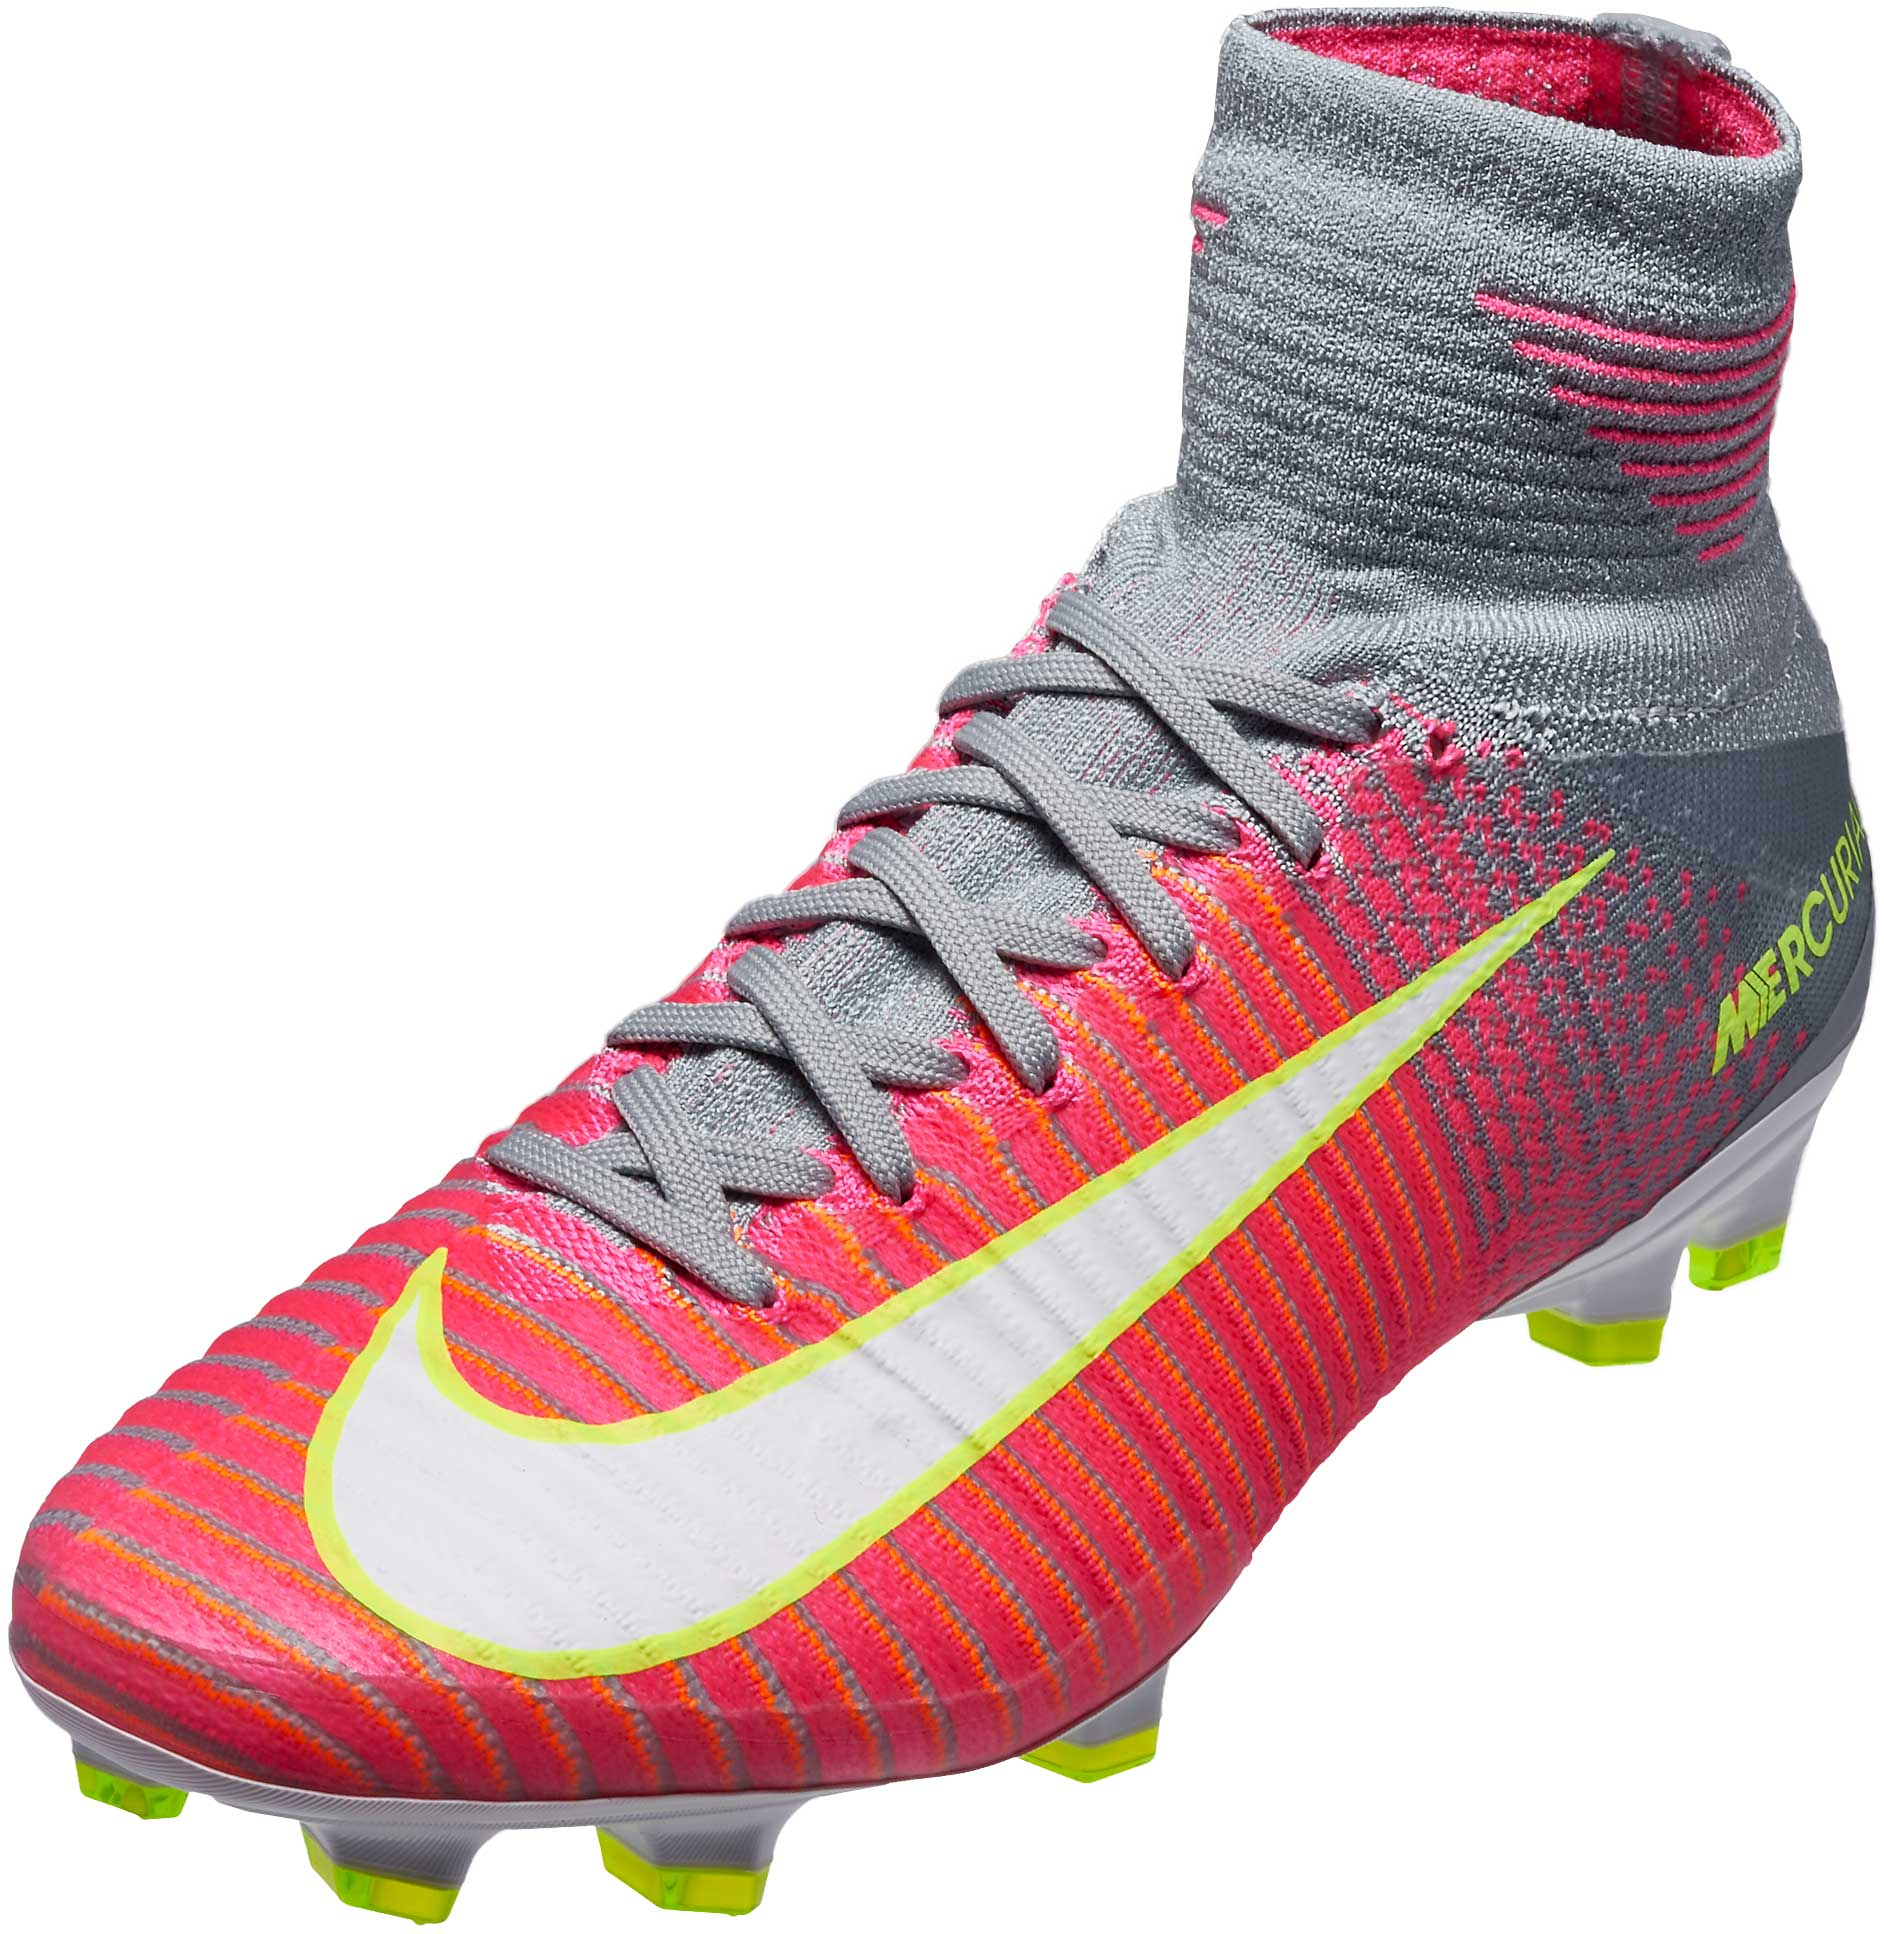 d4abe0e446fd Nike Womens Mercurial Superfly V FG – Hyper Pink/White